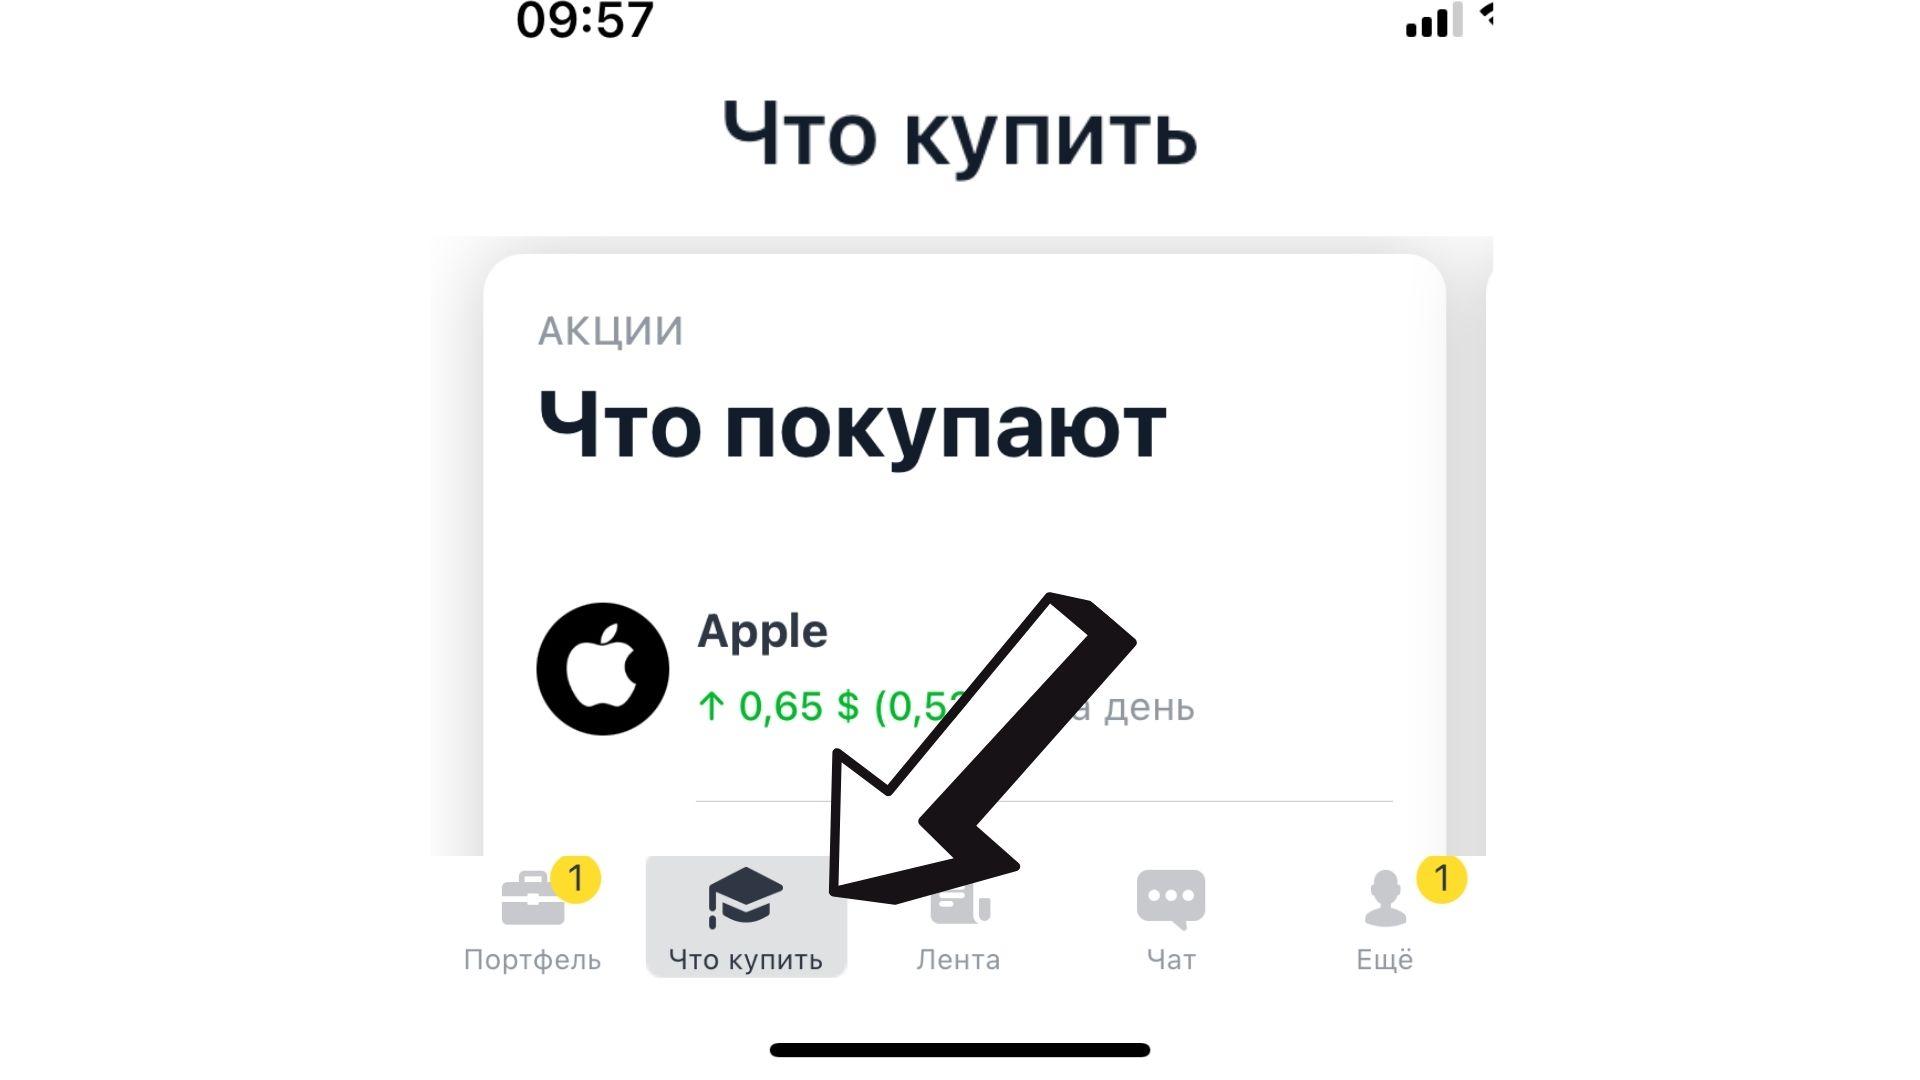 Как купить акции Apple в России физическому лицу. Пошаговая инструкция